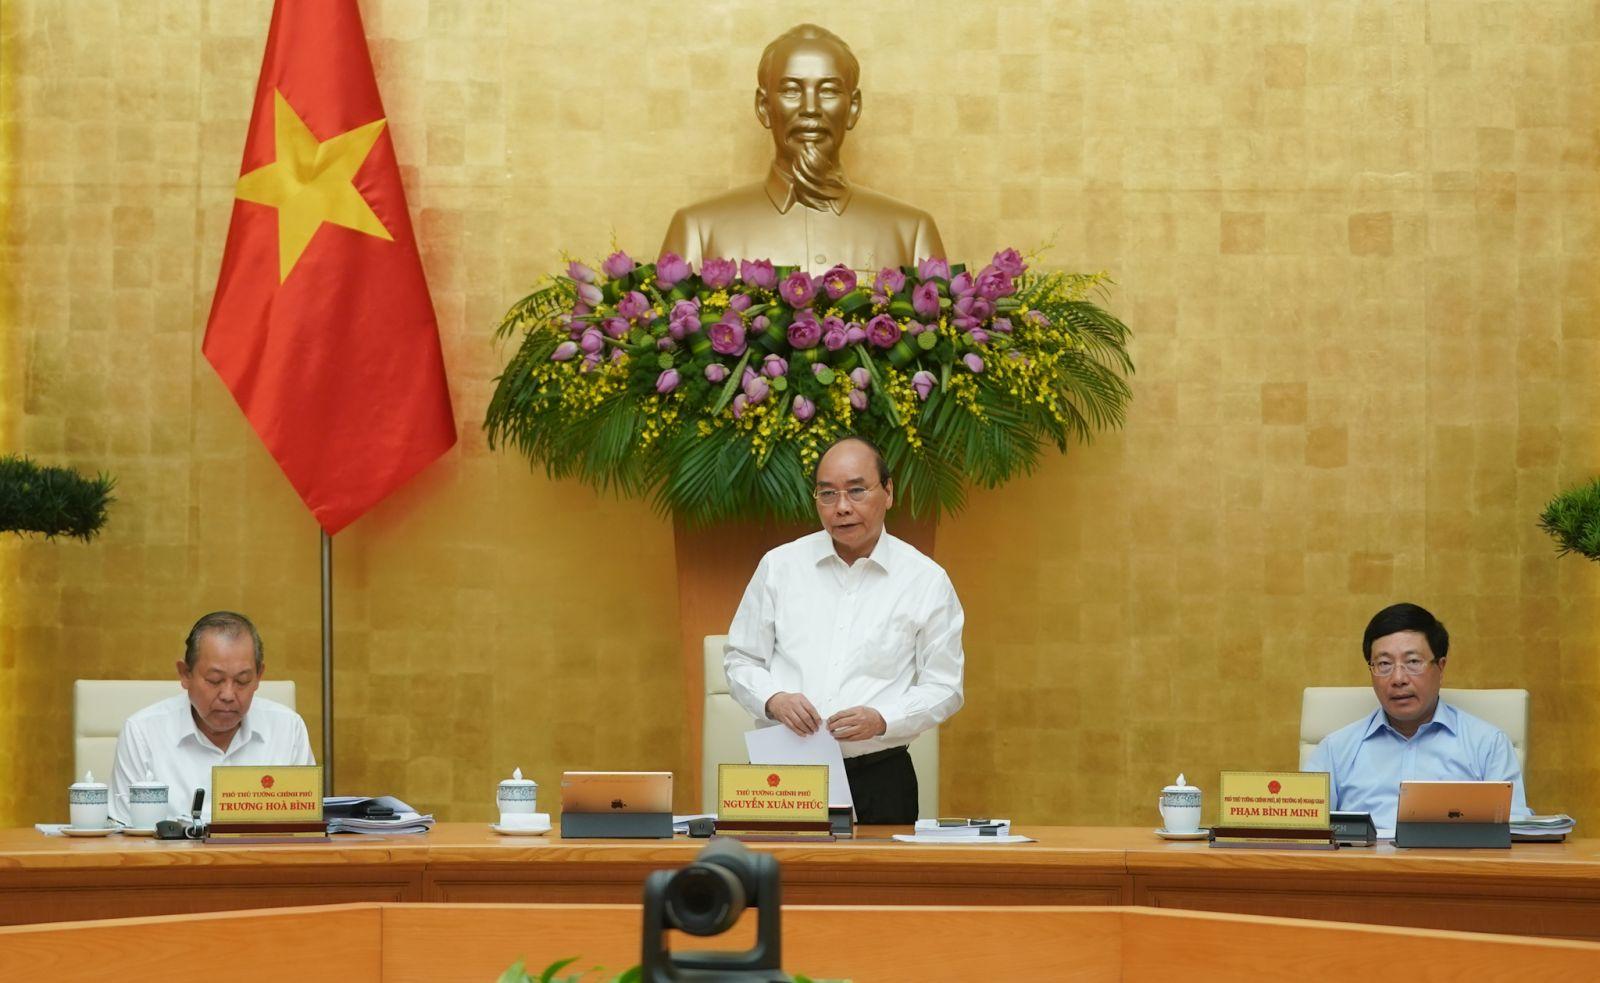 Thủ tướng Nguyễn Xuân Phúc chủ trì phiên họp Chính phủ tháng 5-2020. Ảnh: VGP/Quang Hiếu